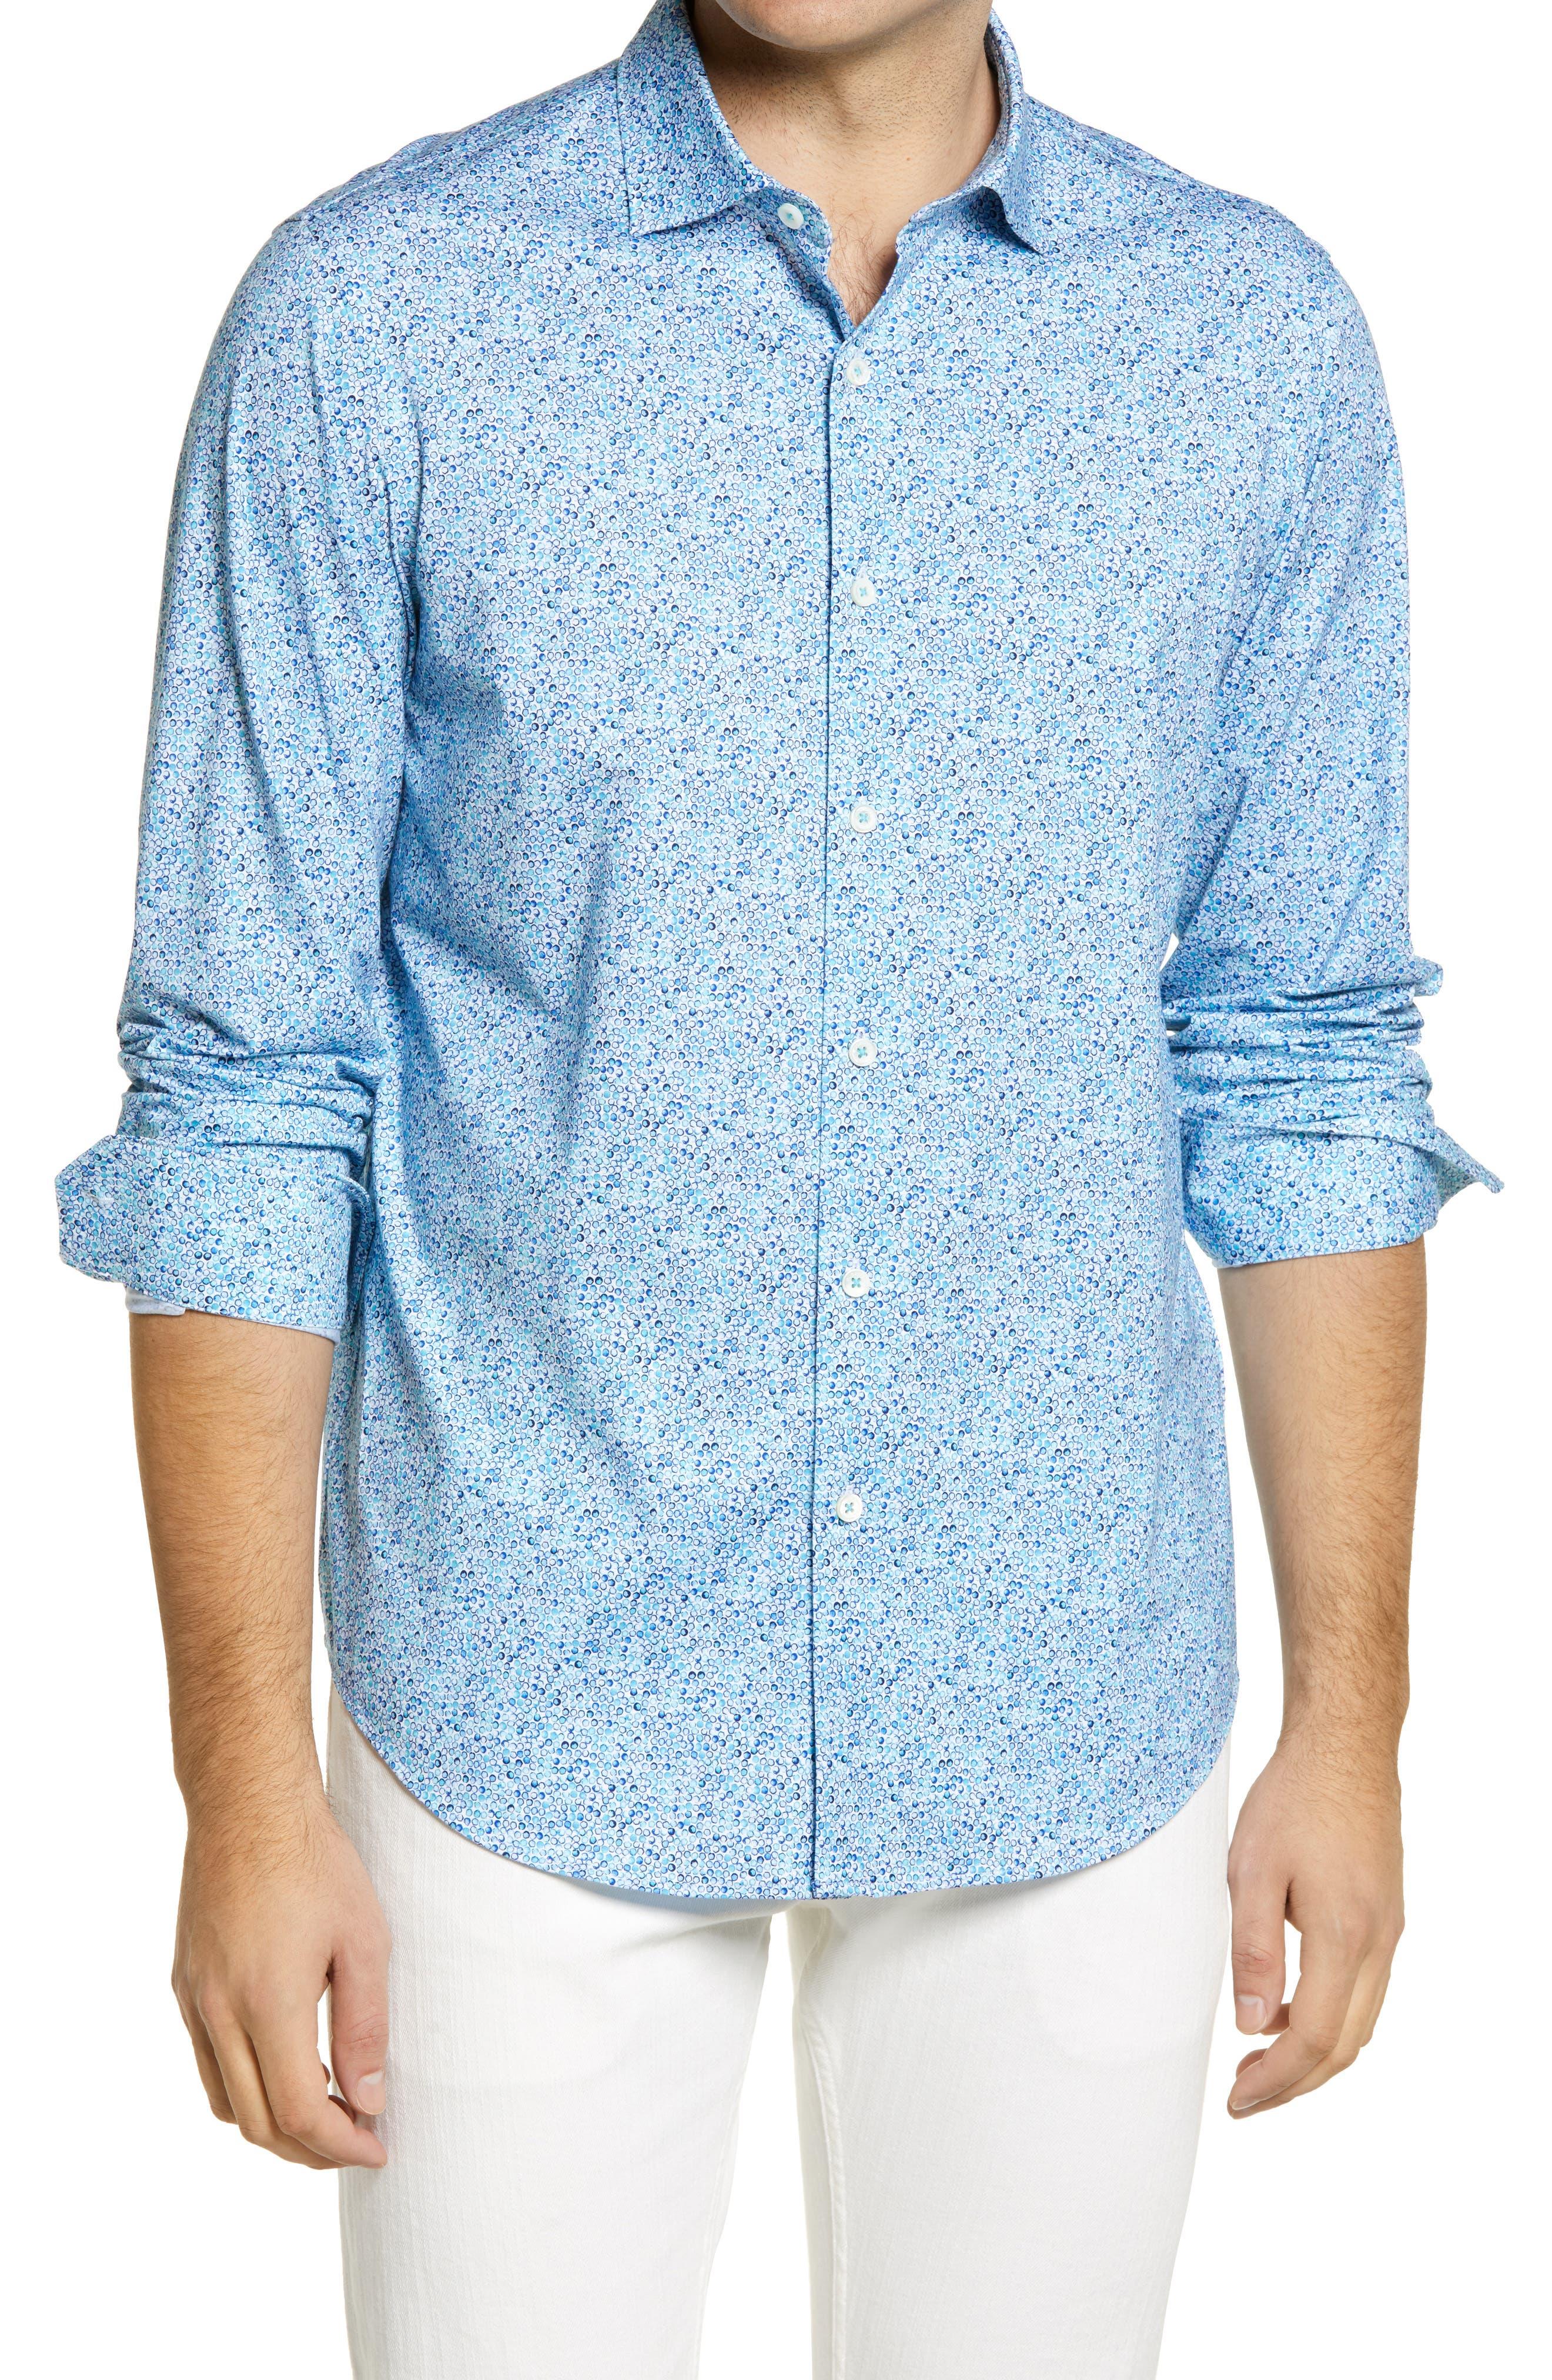 Ooohcotton Tech Abstract Knit Button-Up Shirt